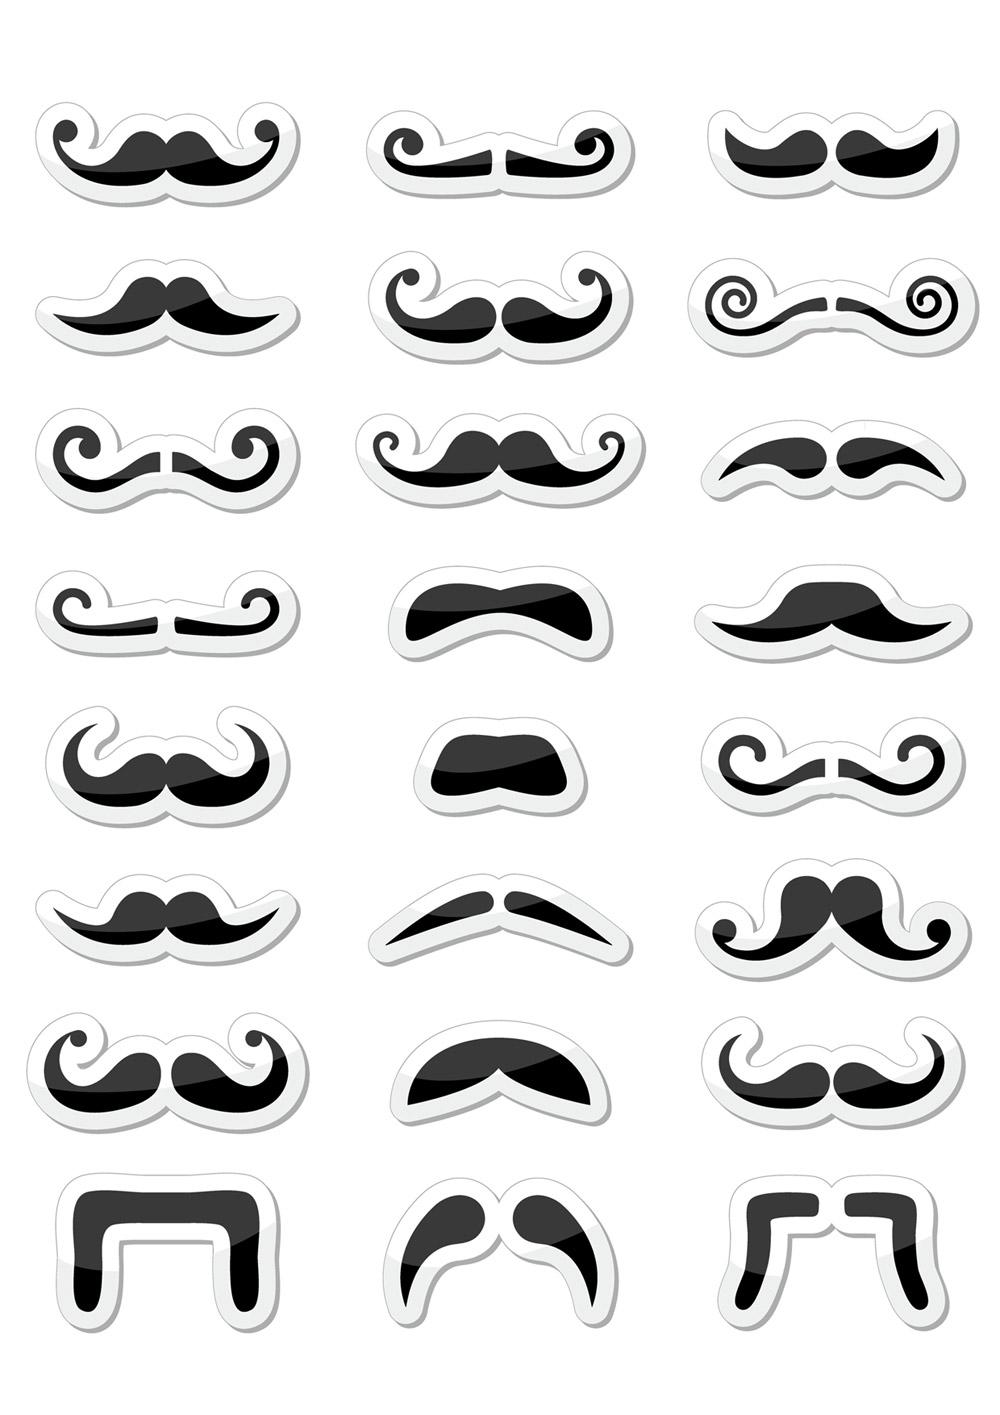 Movember 2014 a kníračení je tady! Který knír si necháte narůst? Vytiskněte si šablonu, vystřihněte knír, nalepte jej ideálně na špejli a zkoušejte před zrcadlem!